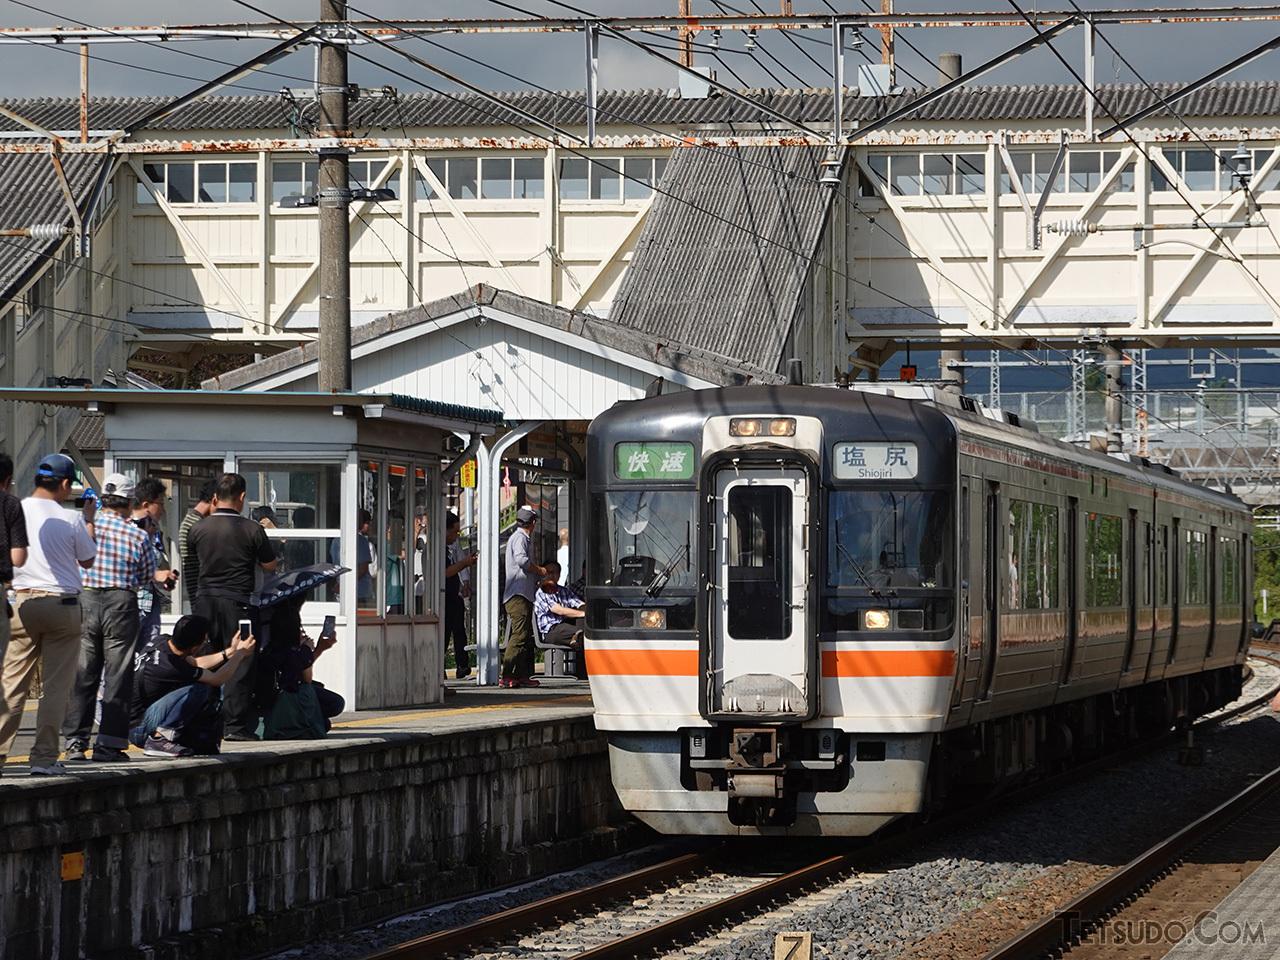 関ケ原駅での幕回しショー。2006年まで名古屋〜奈良間で運行されていた「急行かすが」は、晩年はキハ75形での運行でした